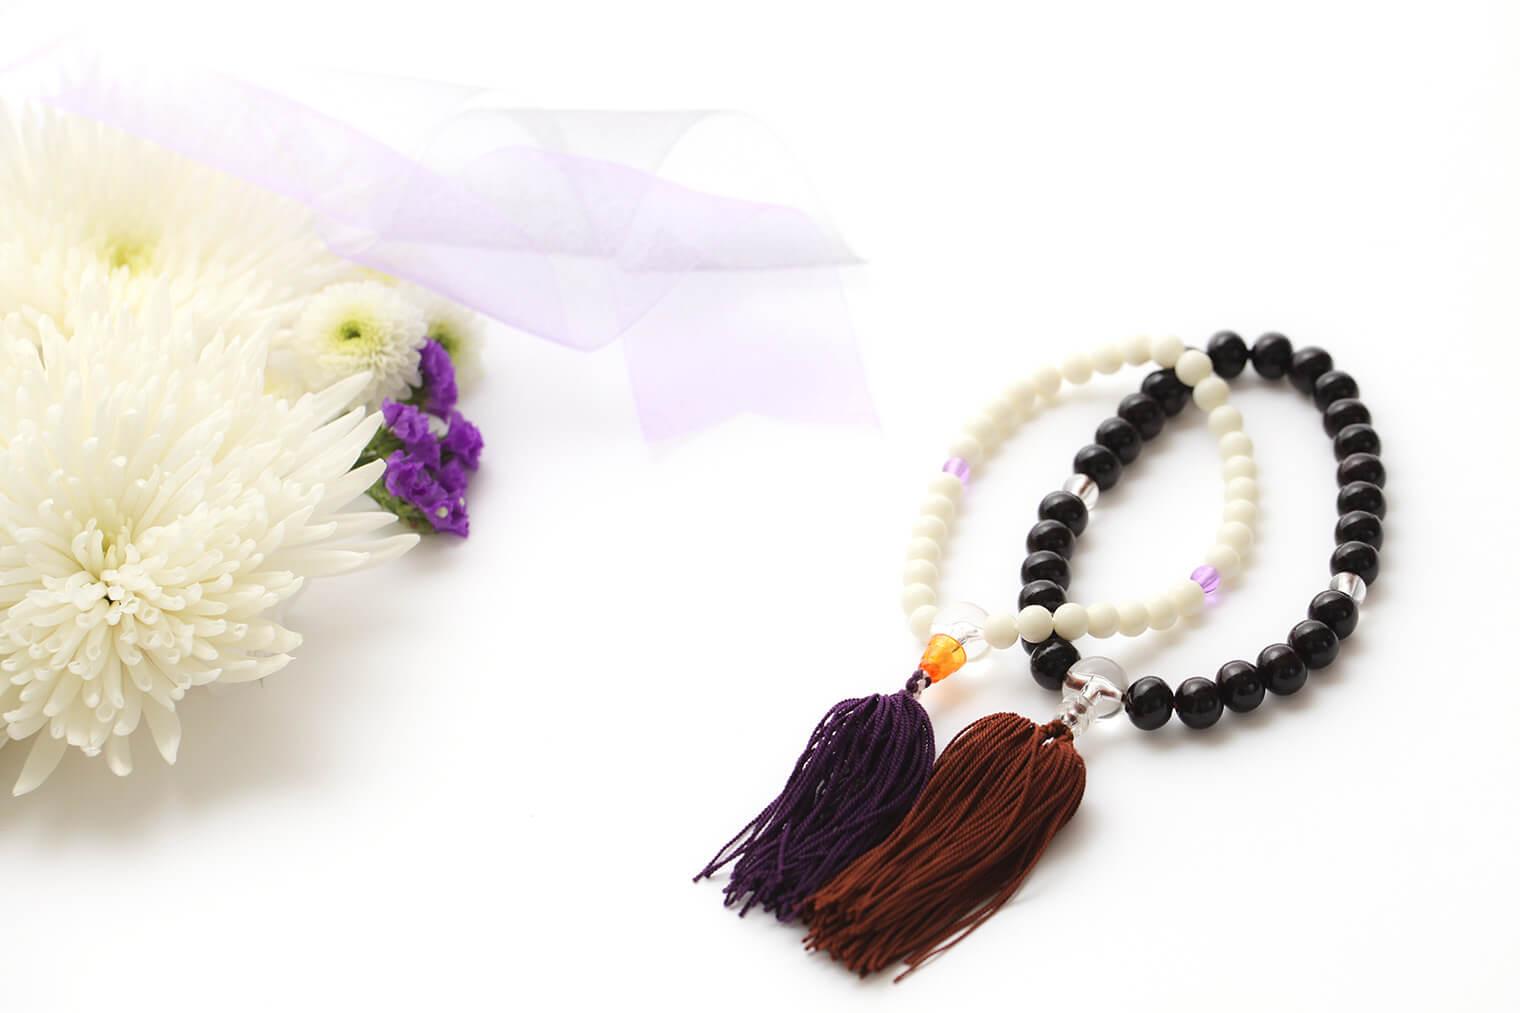 天然素材で作られている数珠の保管には注意が必要!数珠の収納方法